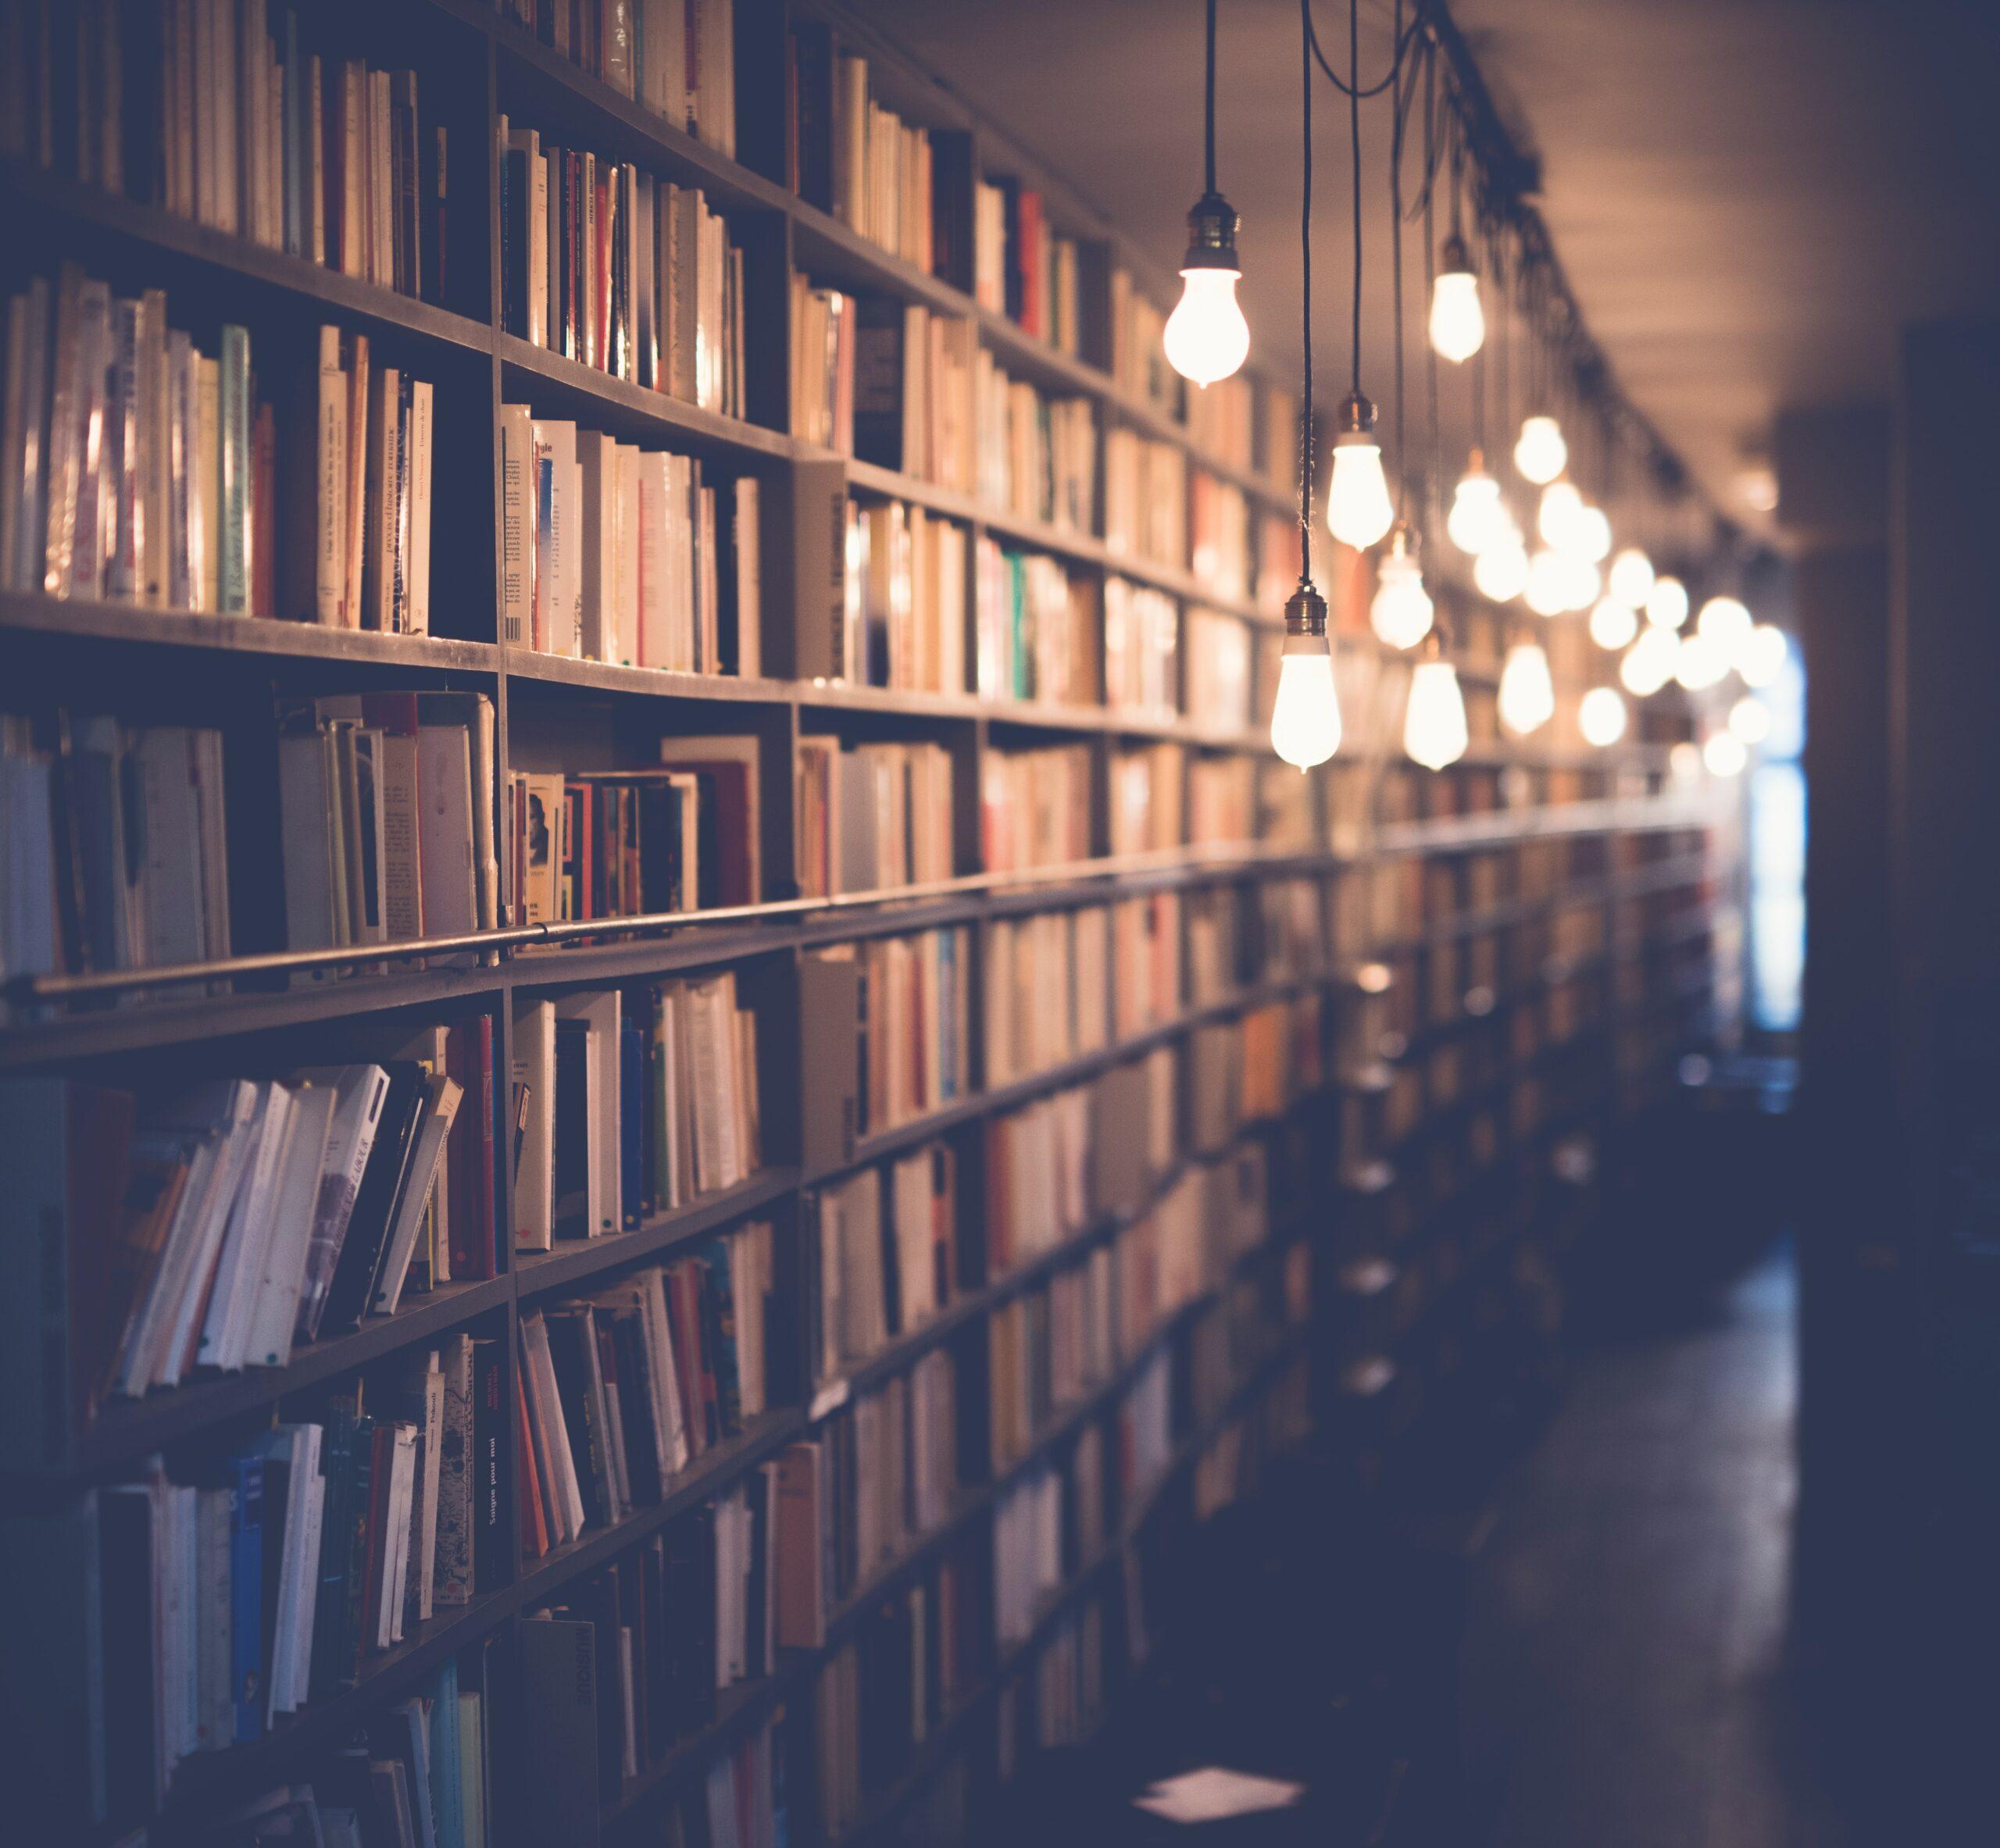 Rader av hyllor i ett bibliotek.